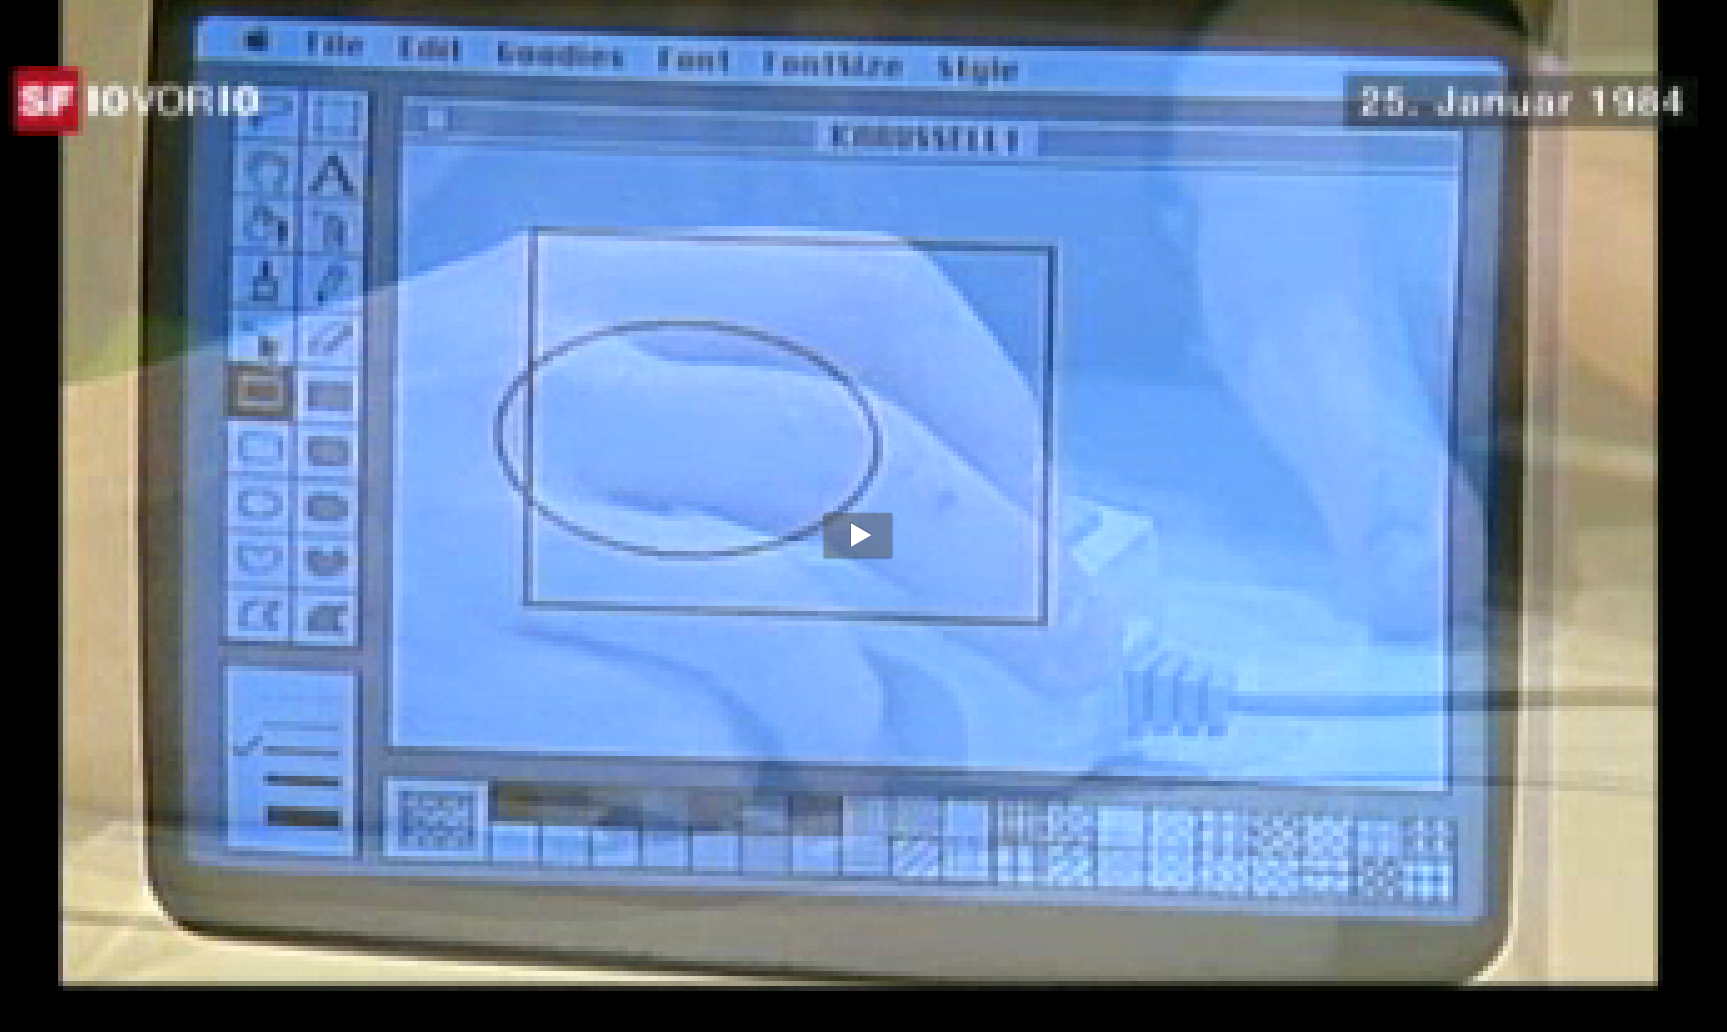 Der erste Macintosh in Europa kam damals in die Schweiz [Updated]